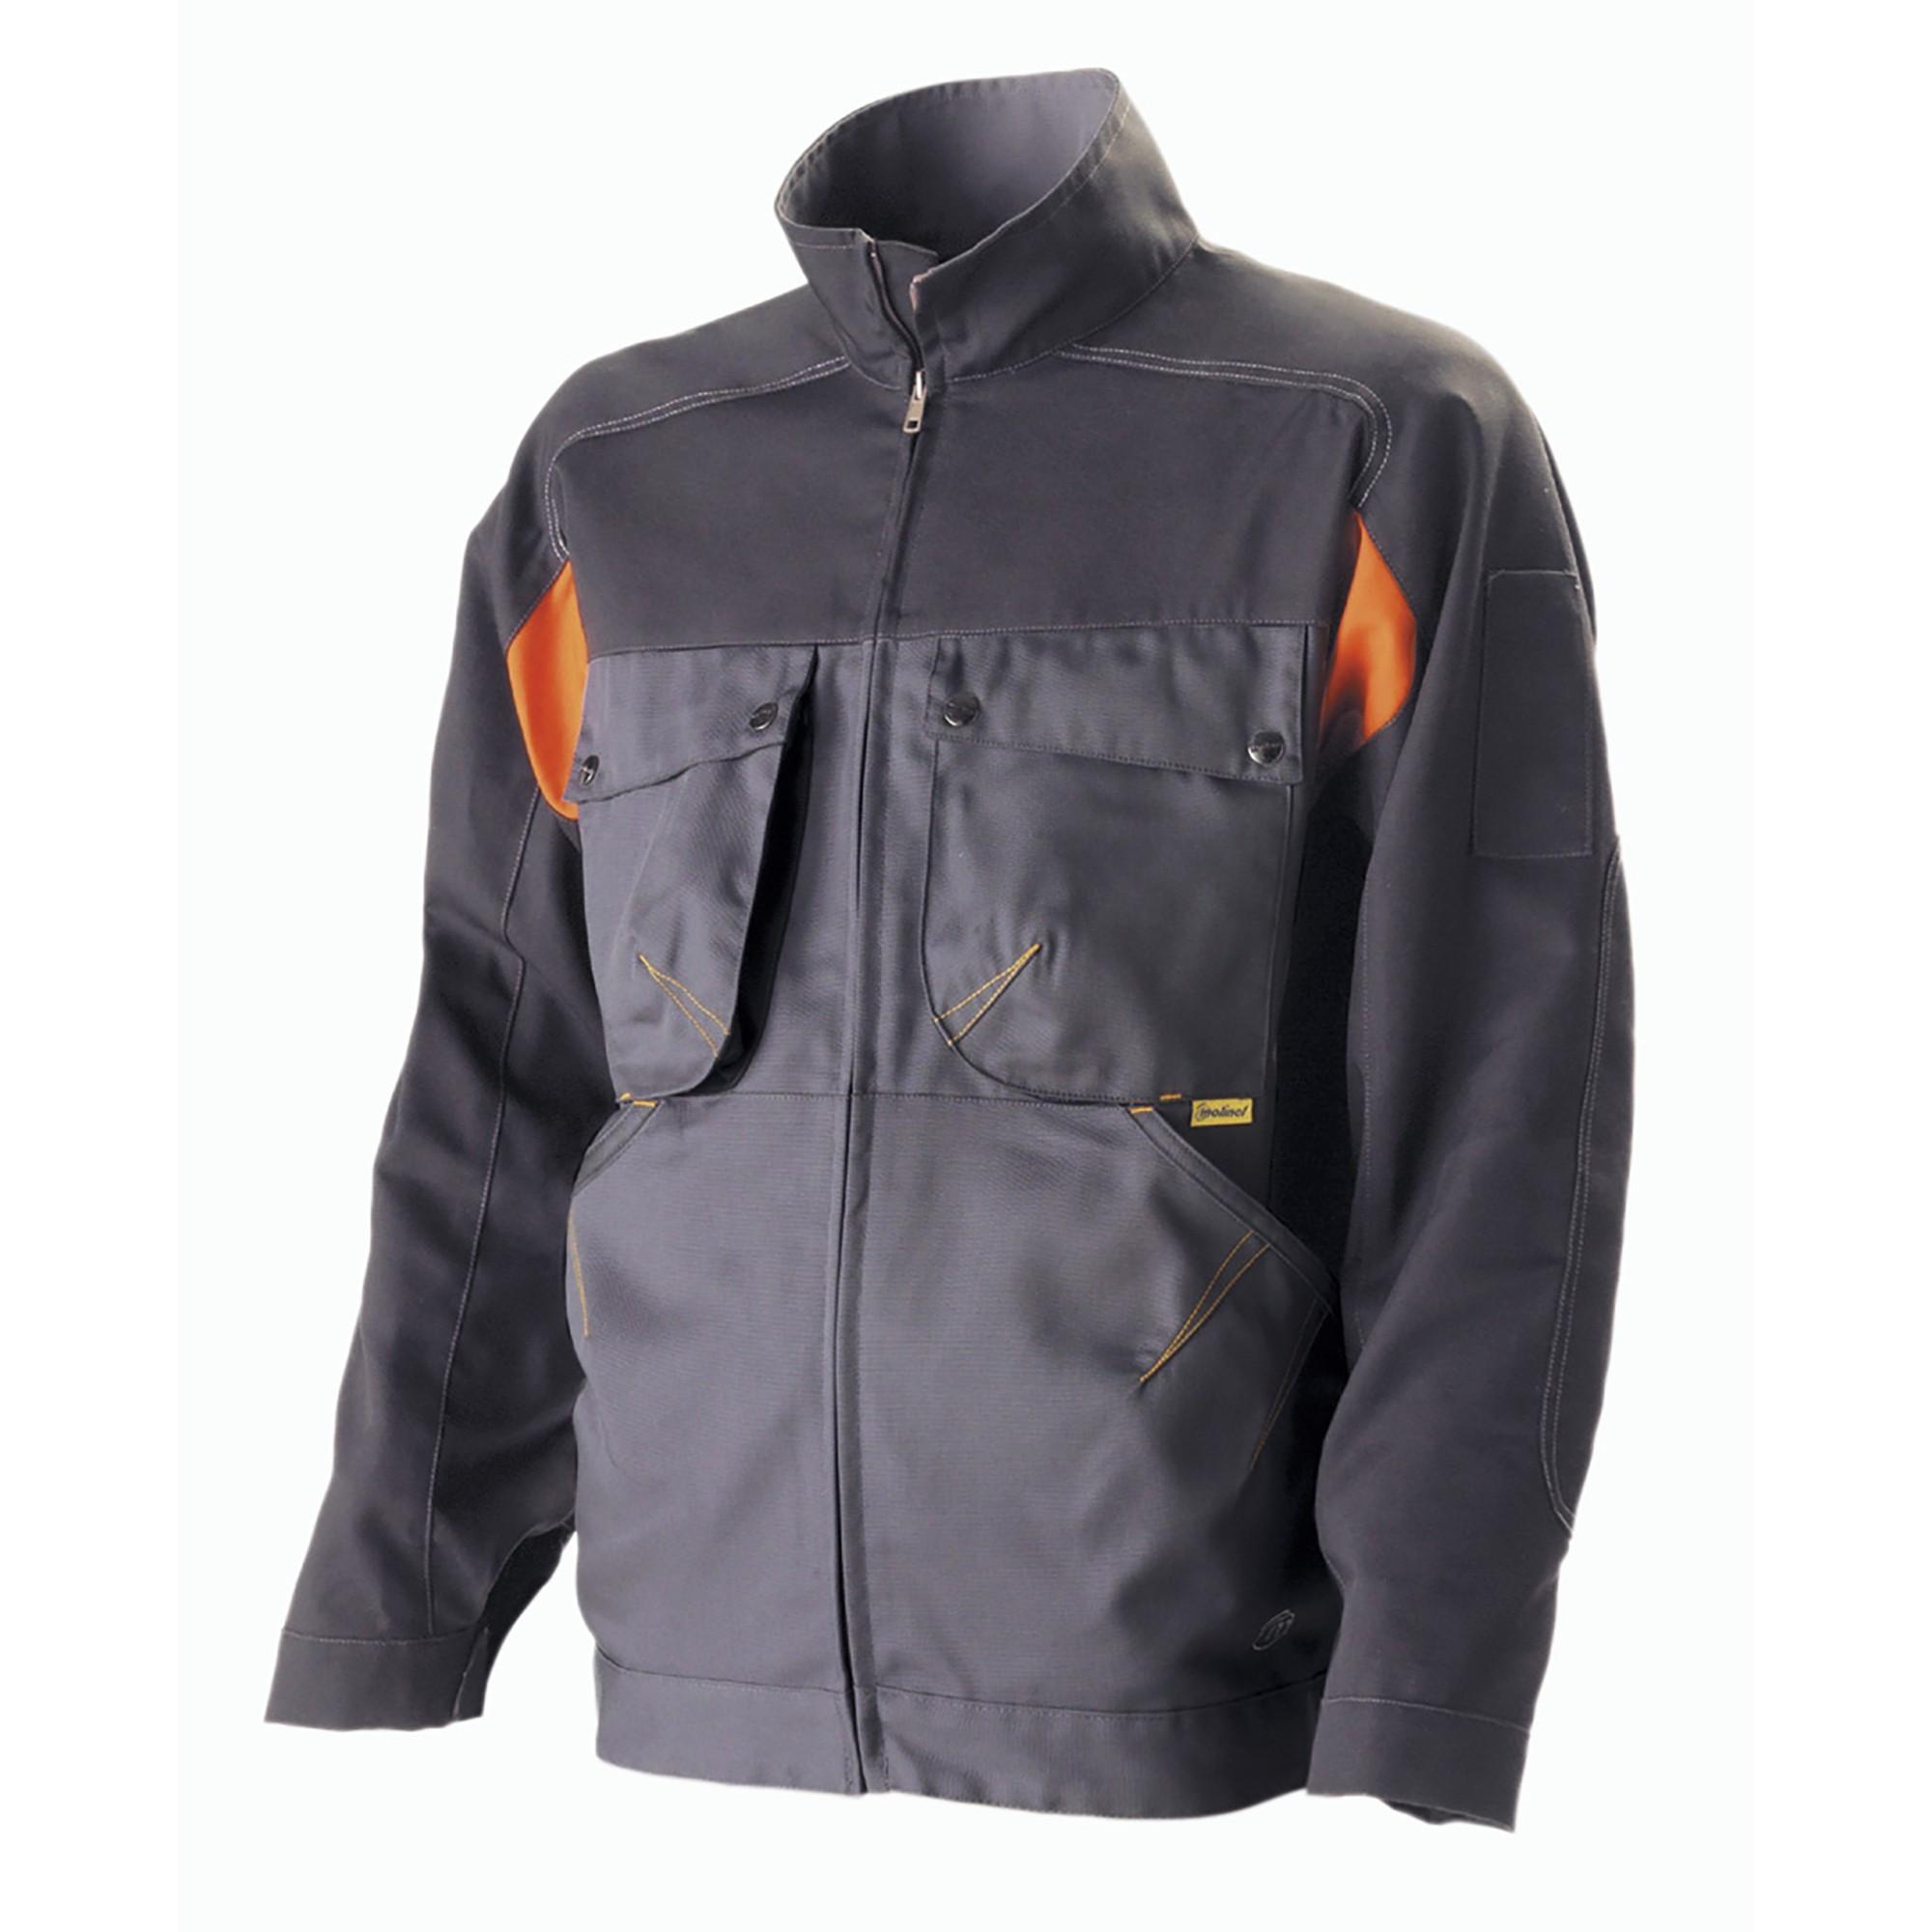 Vêtements de travail et vêtements de sécurité - Protec Nord 1daf13f22727